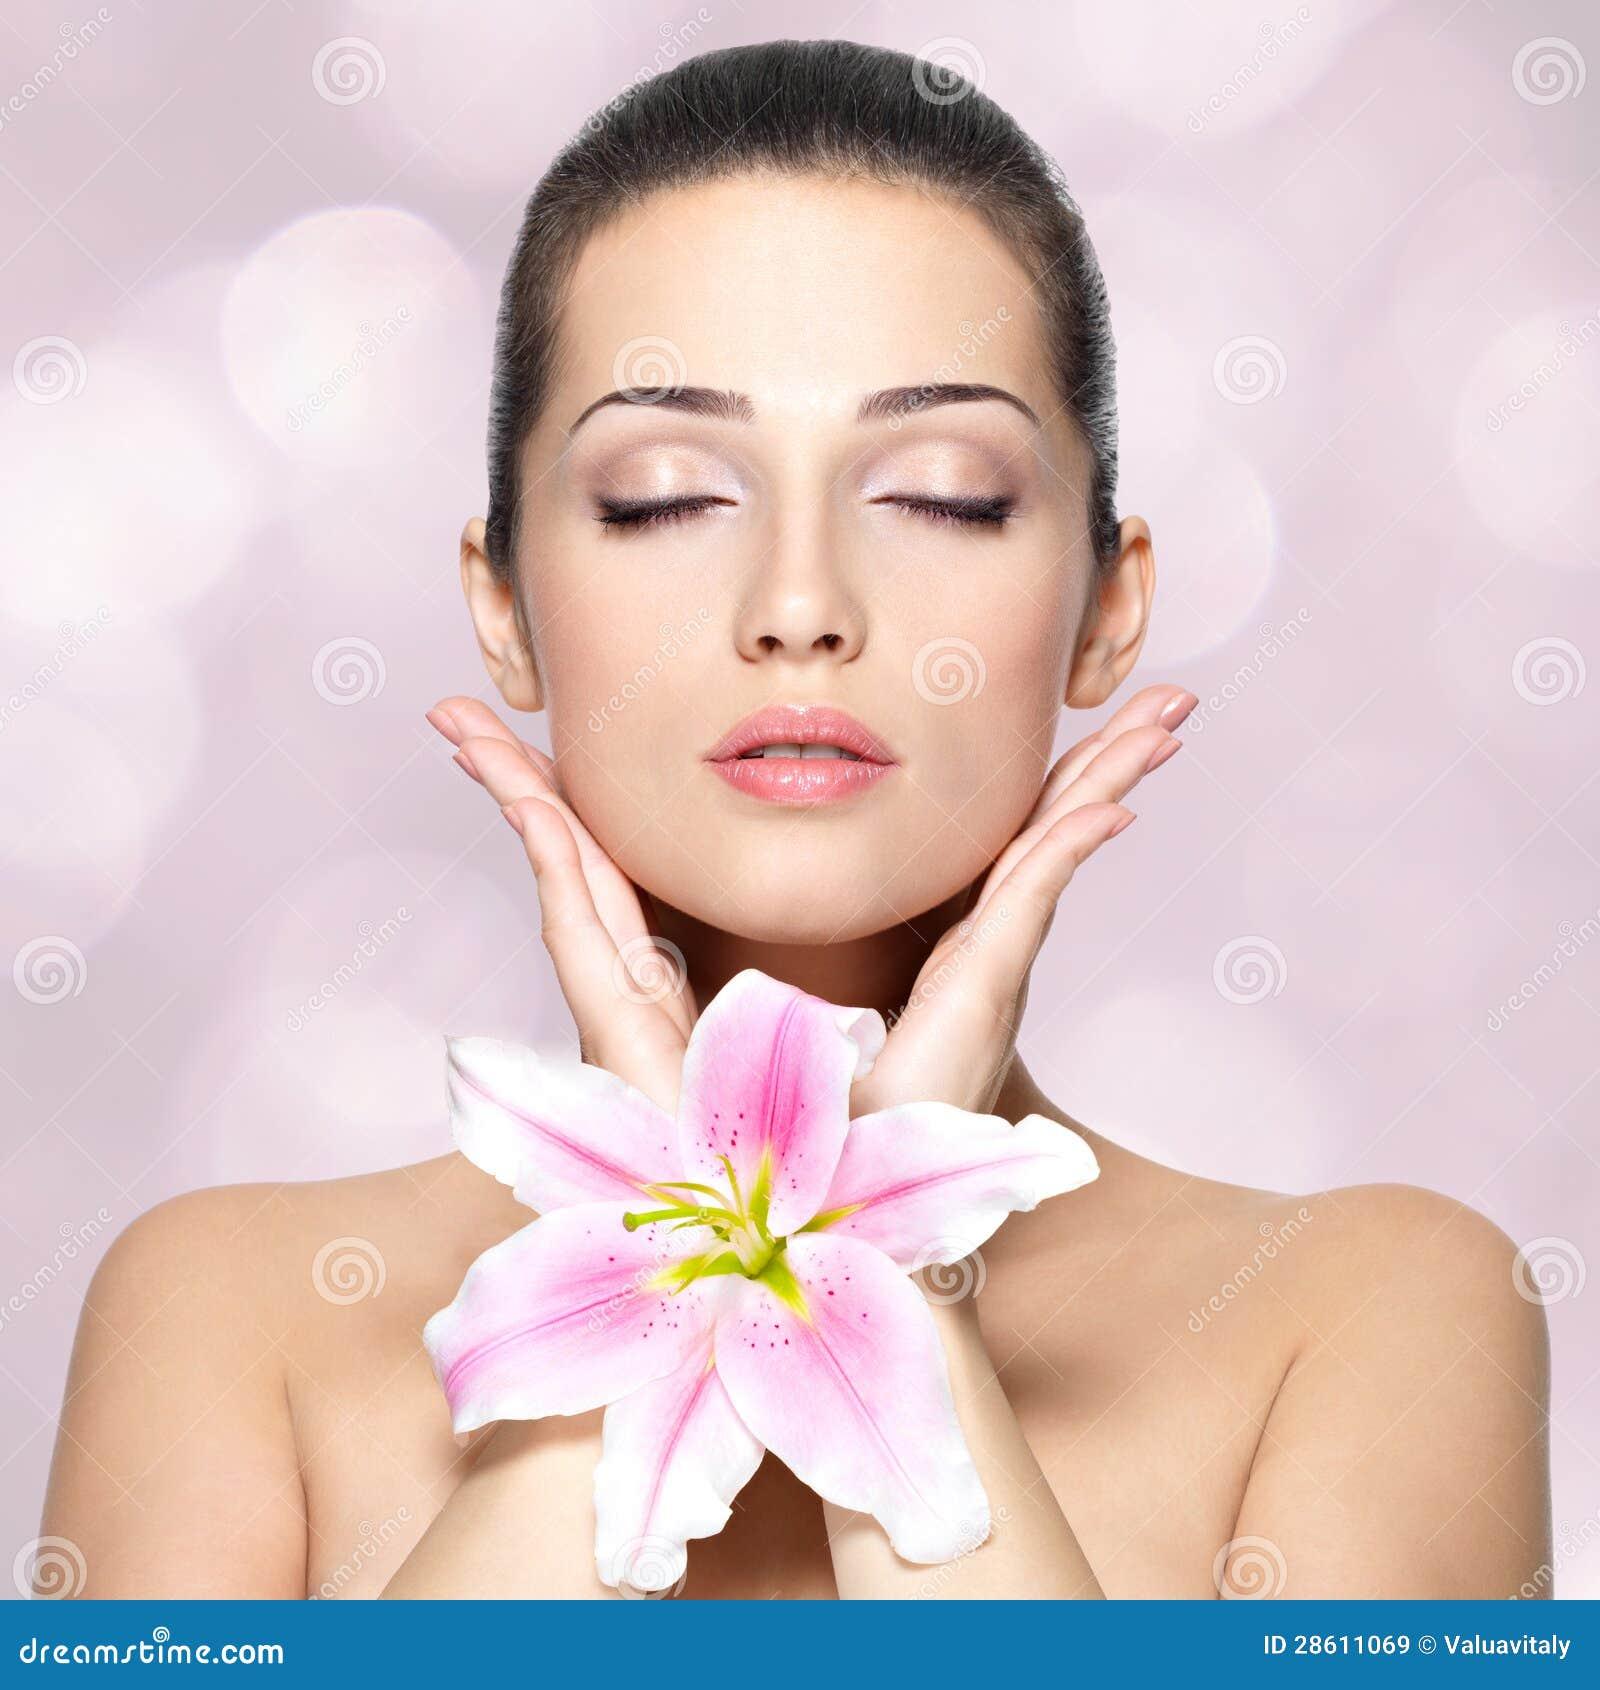 Cara de la belleza de la mujer bonita con la flor. Concep del tratamiento de la belleza